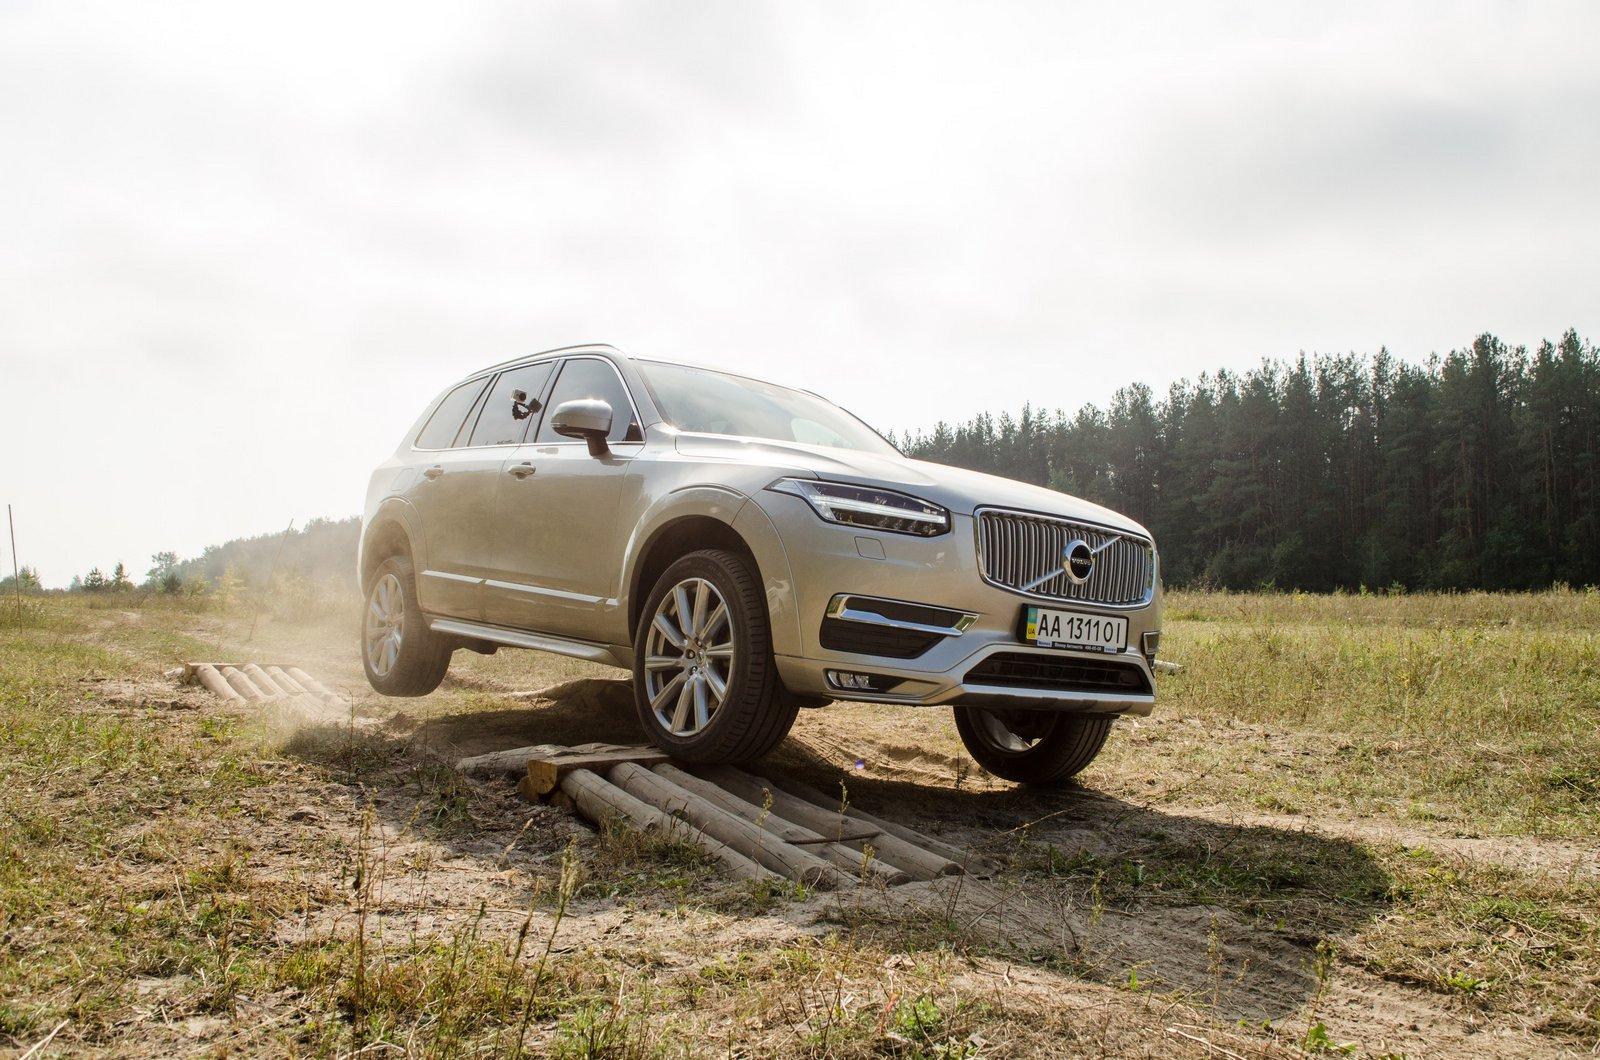 Volvo Off-Road Show 2015 у заміському комплексі Ранчо Болівар - офіційний представник Winner в Україні